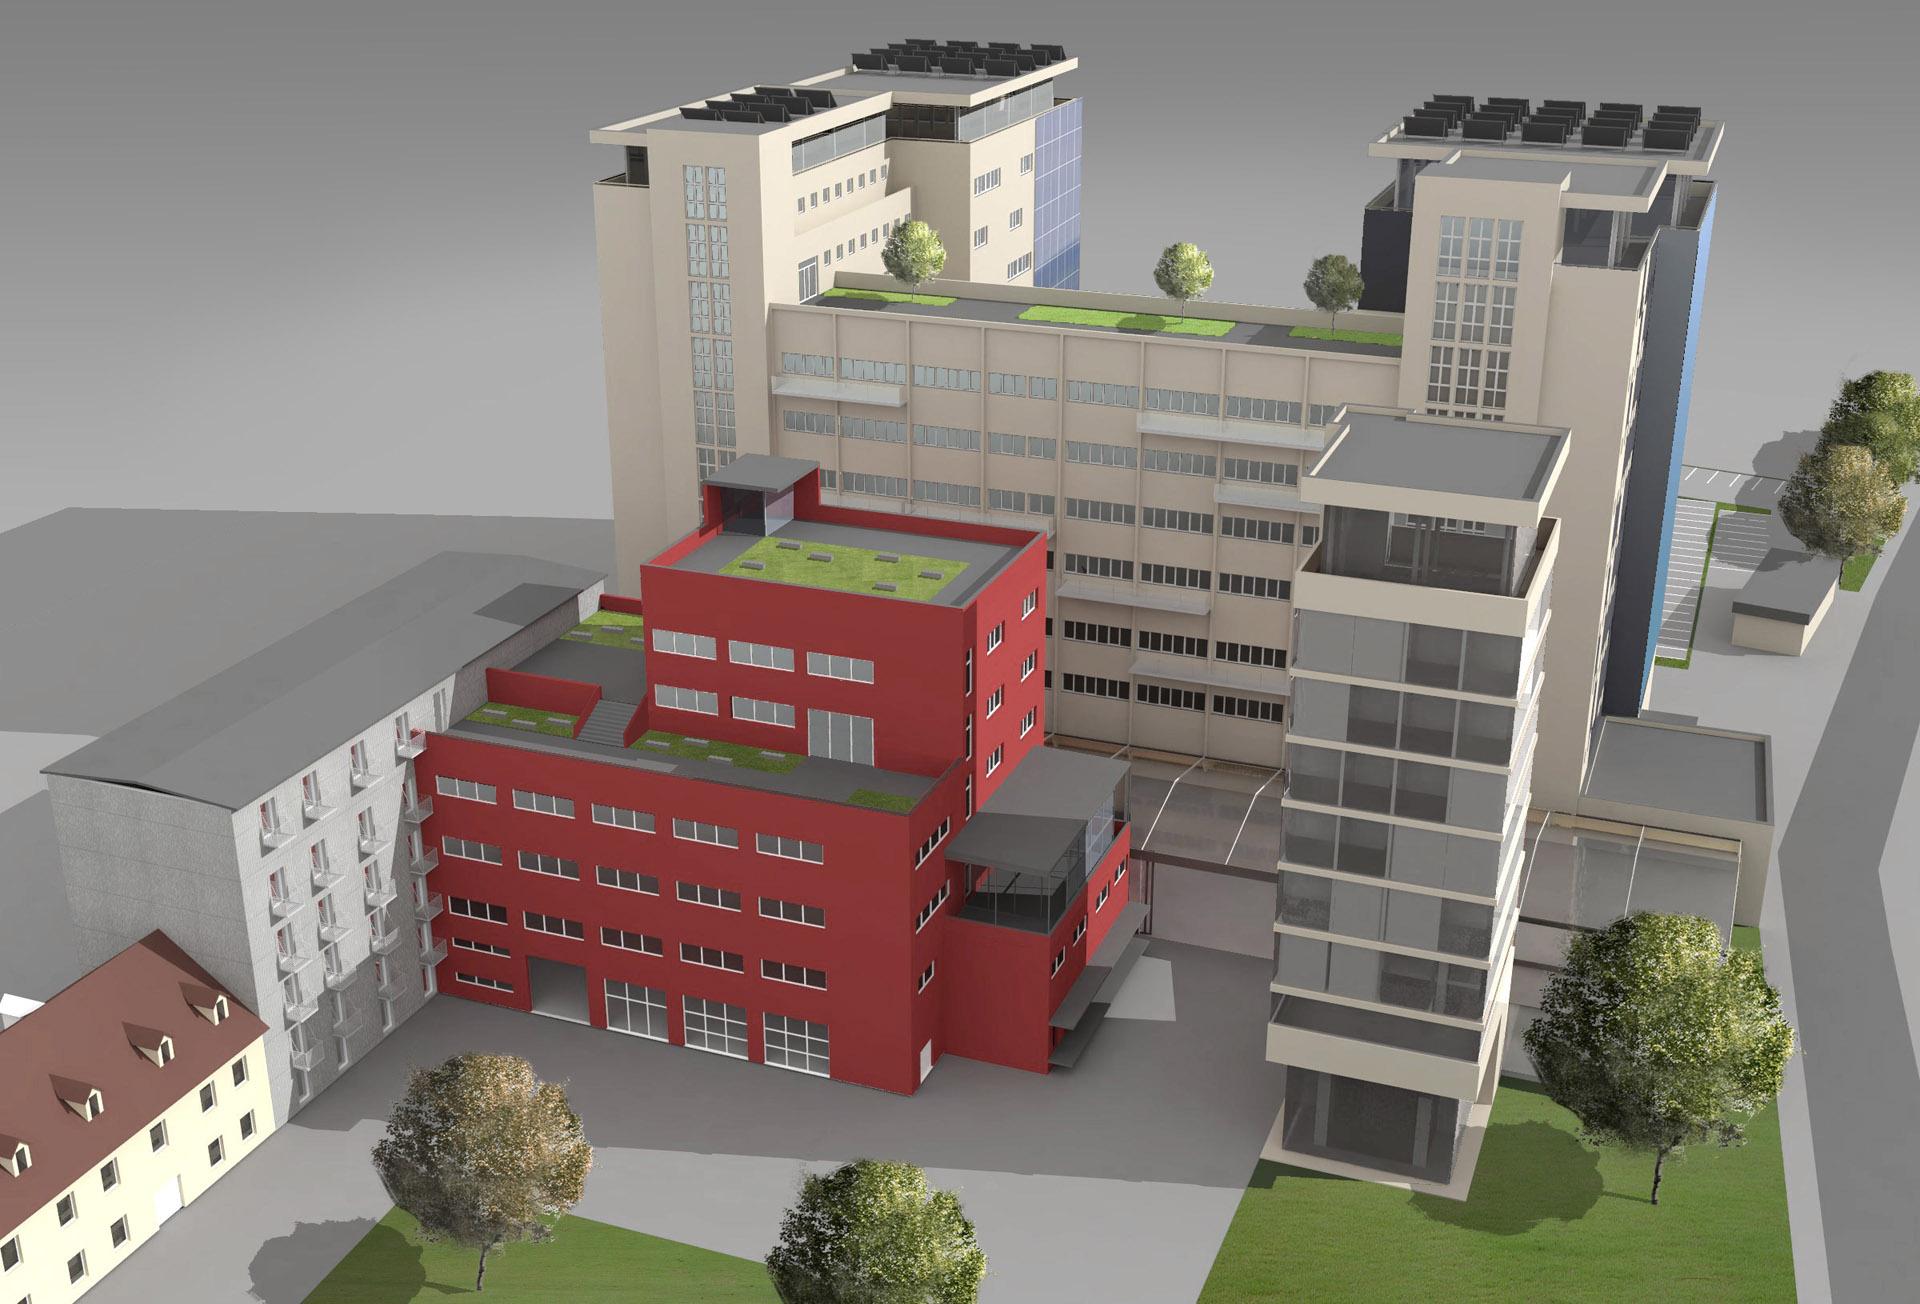 Vizualizace rekonstrukce industriálního komplexu Graz